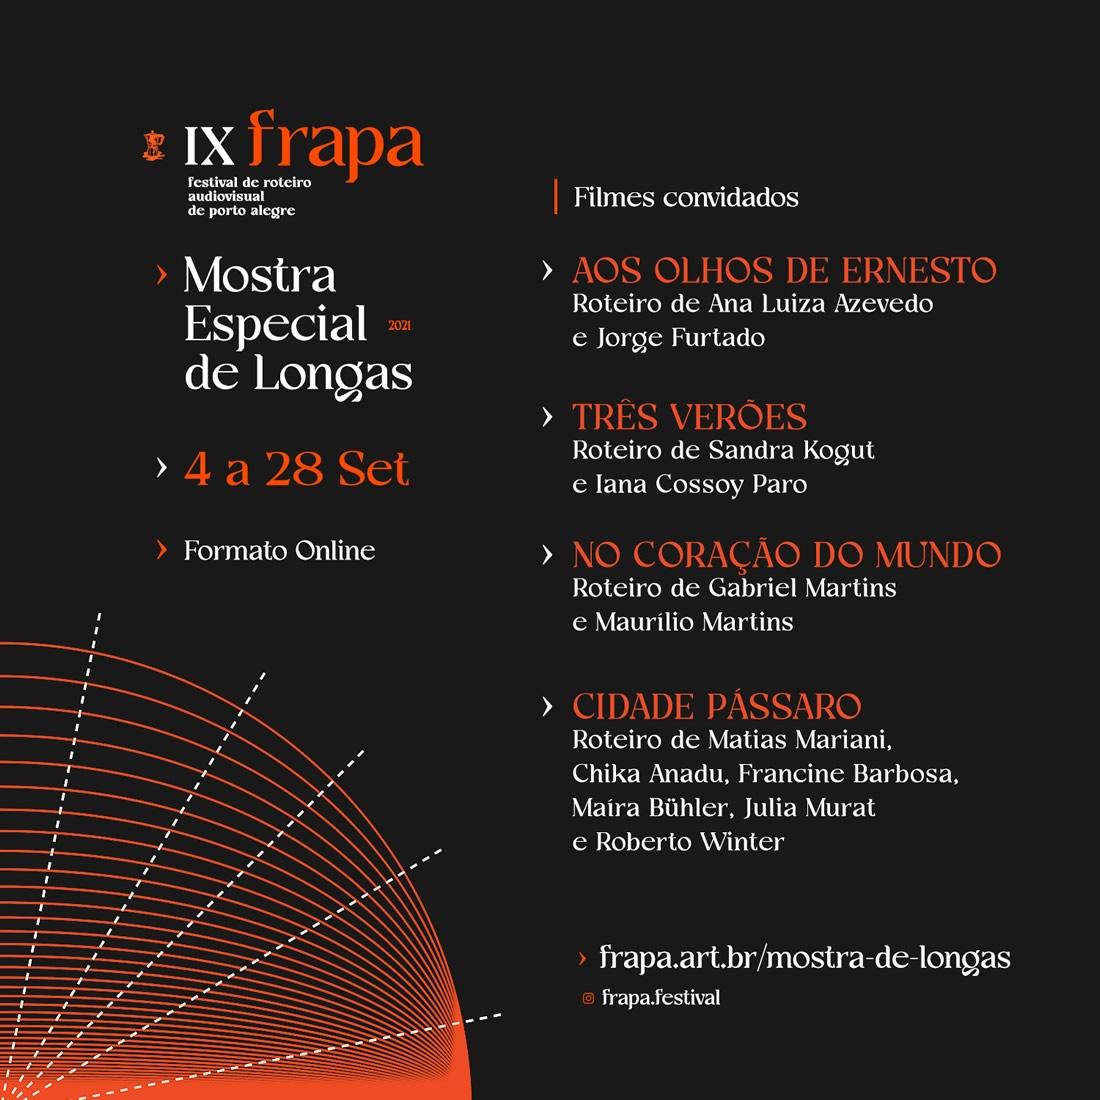 Festival de Roteiro Audiovisual de Porto Alegre inicia 9ª Edição com Mostra Online e Gratuita de L